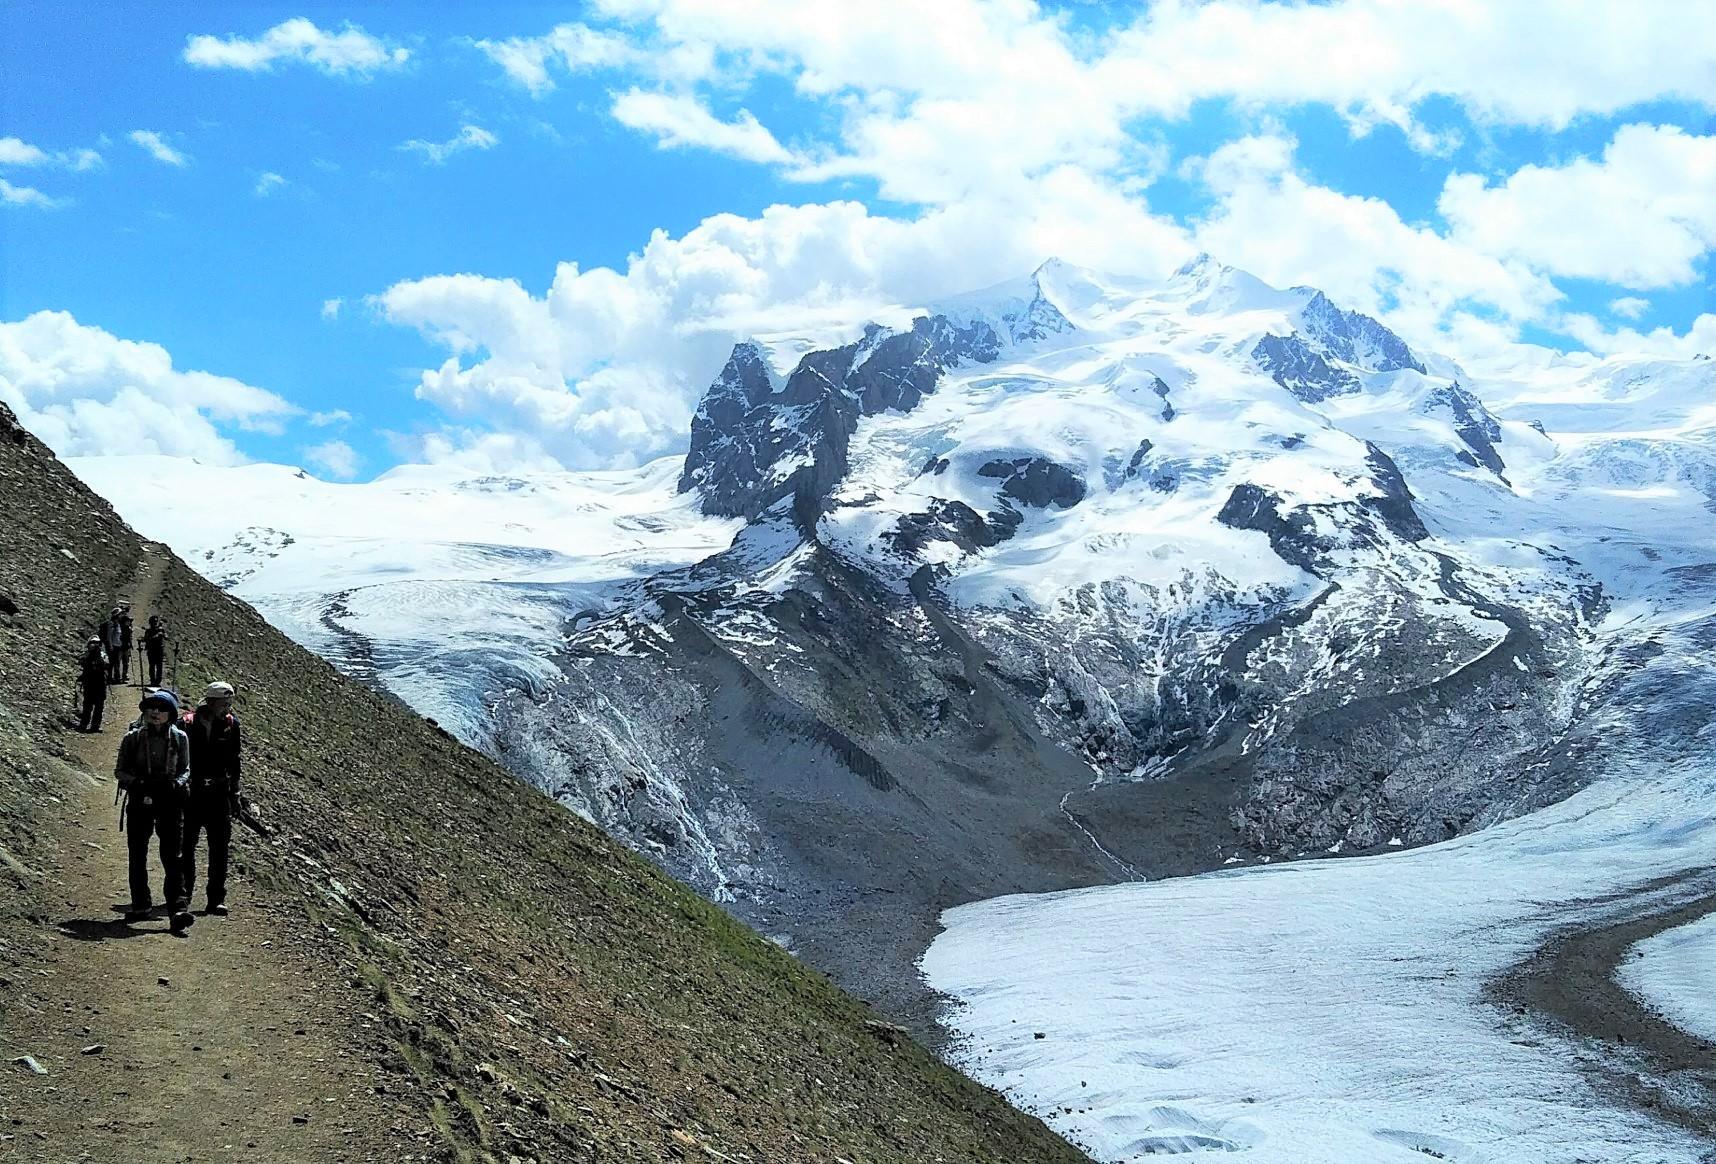 ゴルナー氷河とモンテローザを望むハイキング(4日目)